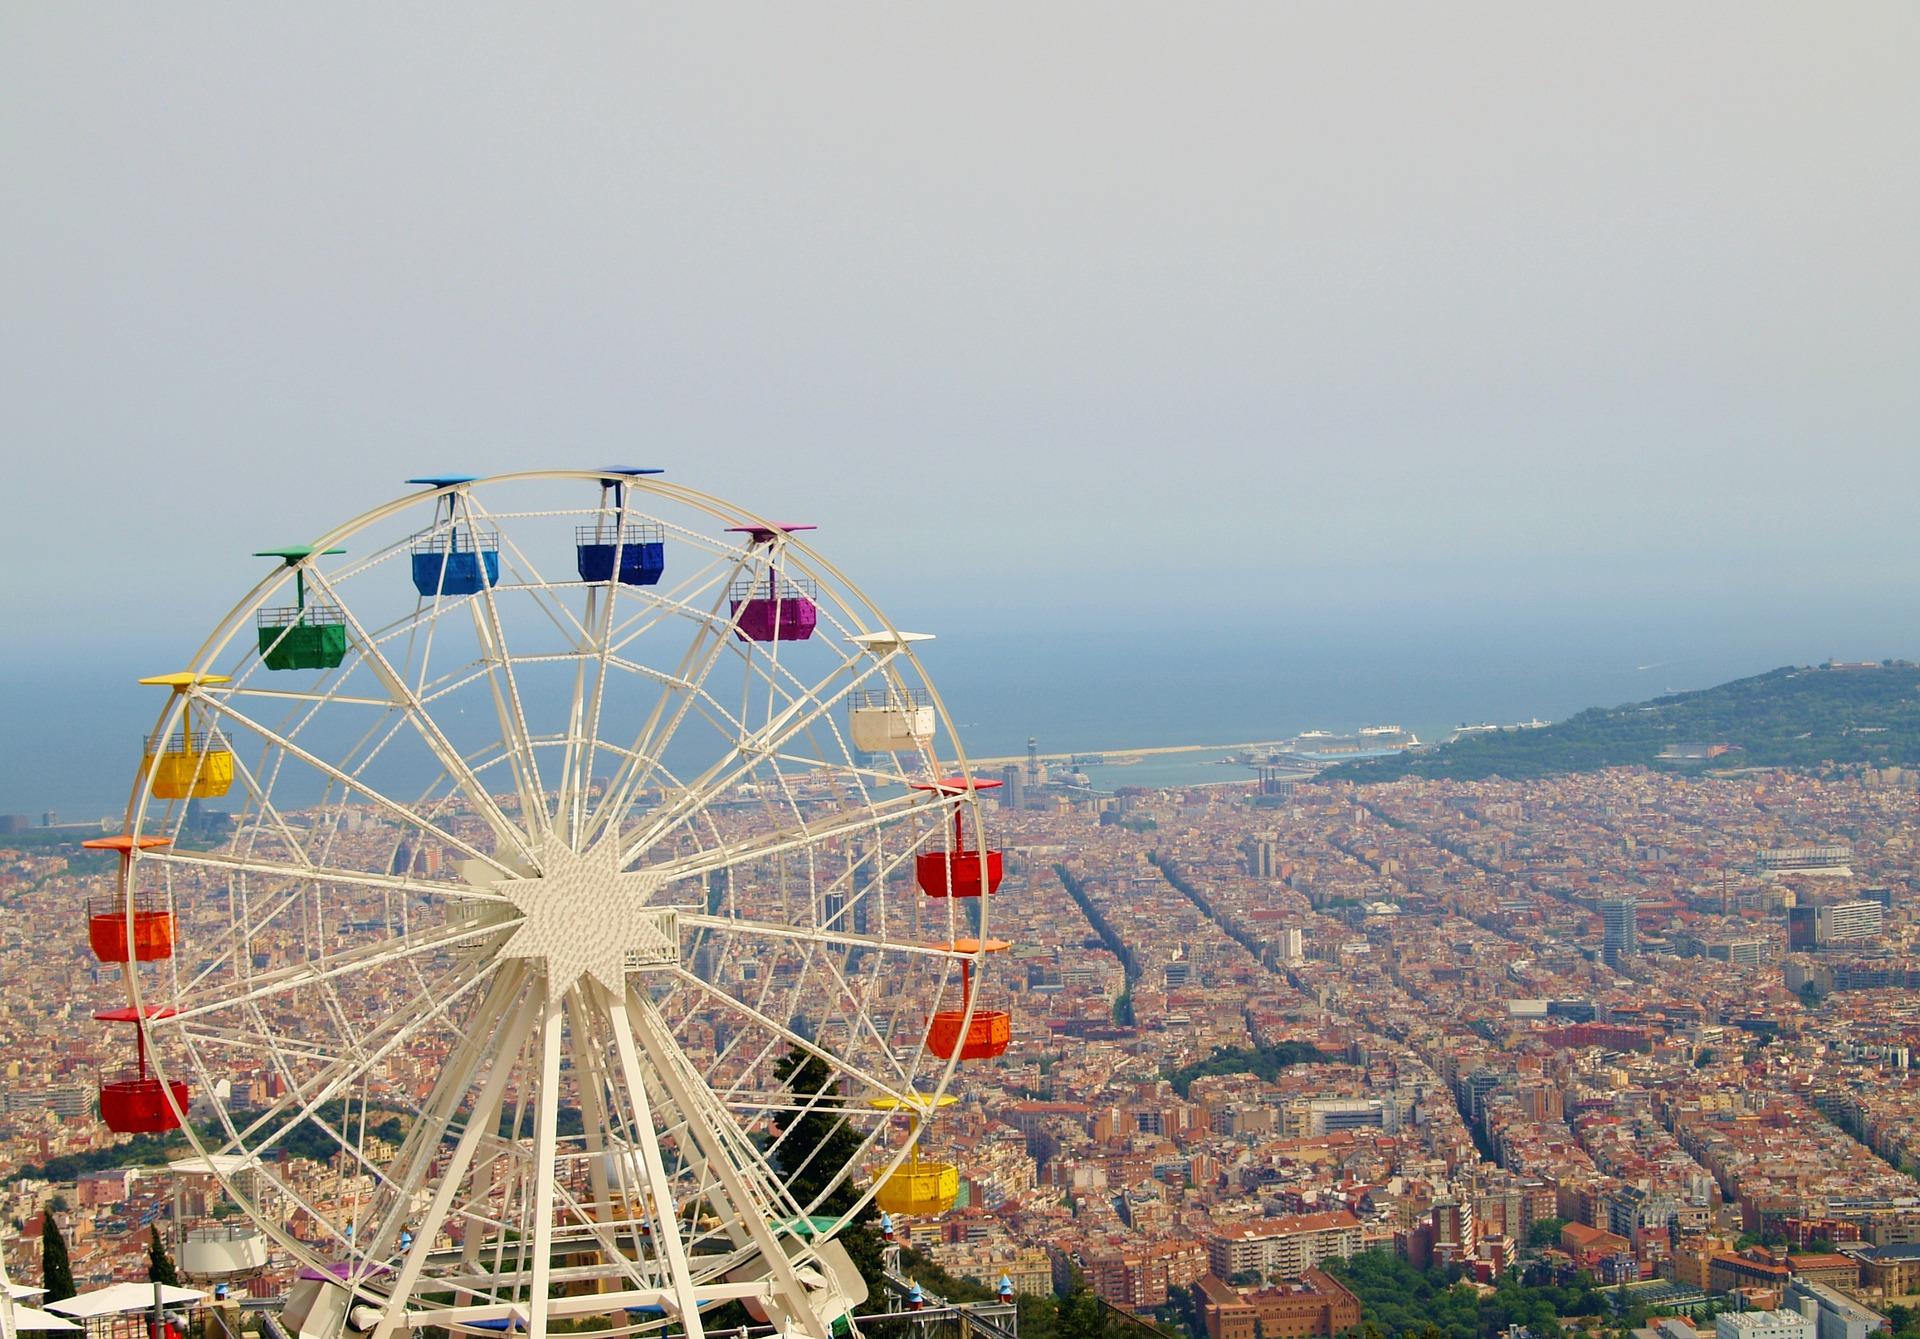 Wycieczka po Barcelonie - widok z lotu ptaka na krajobraz miasta